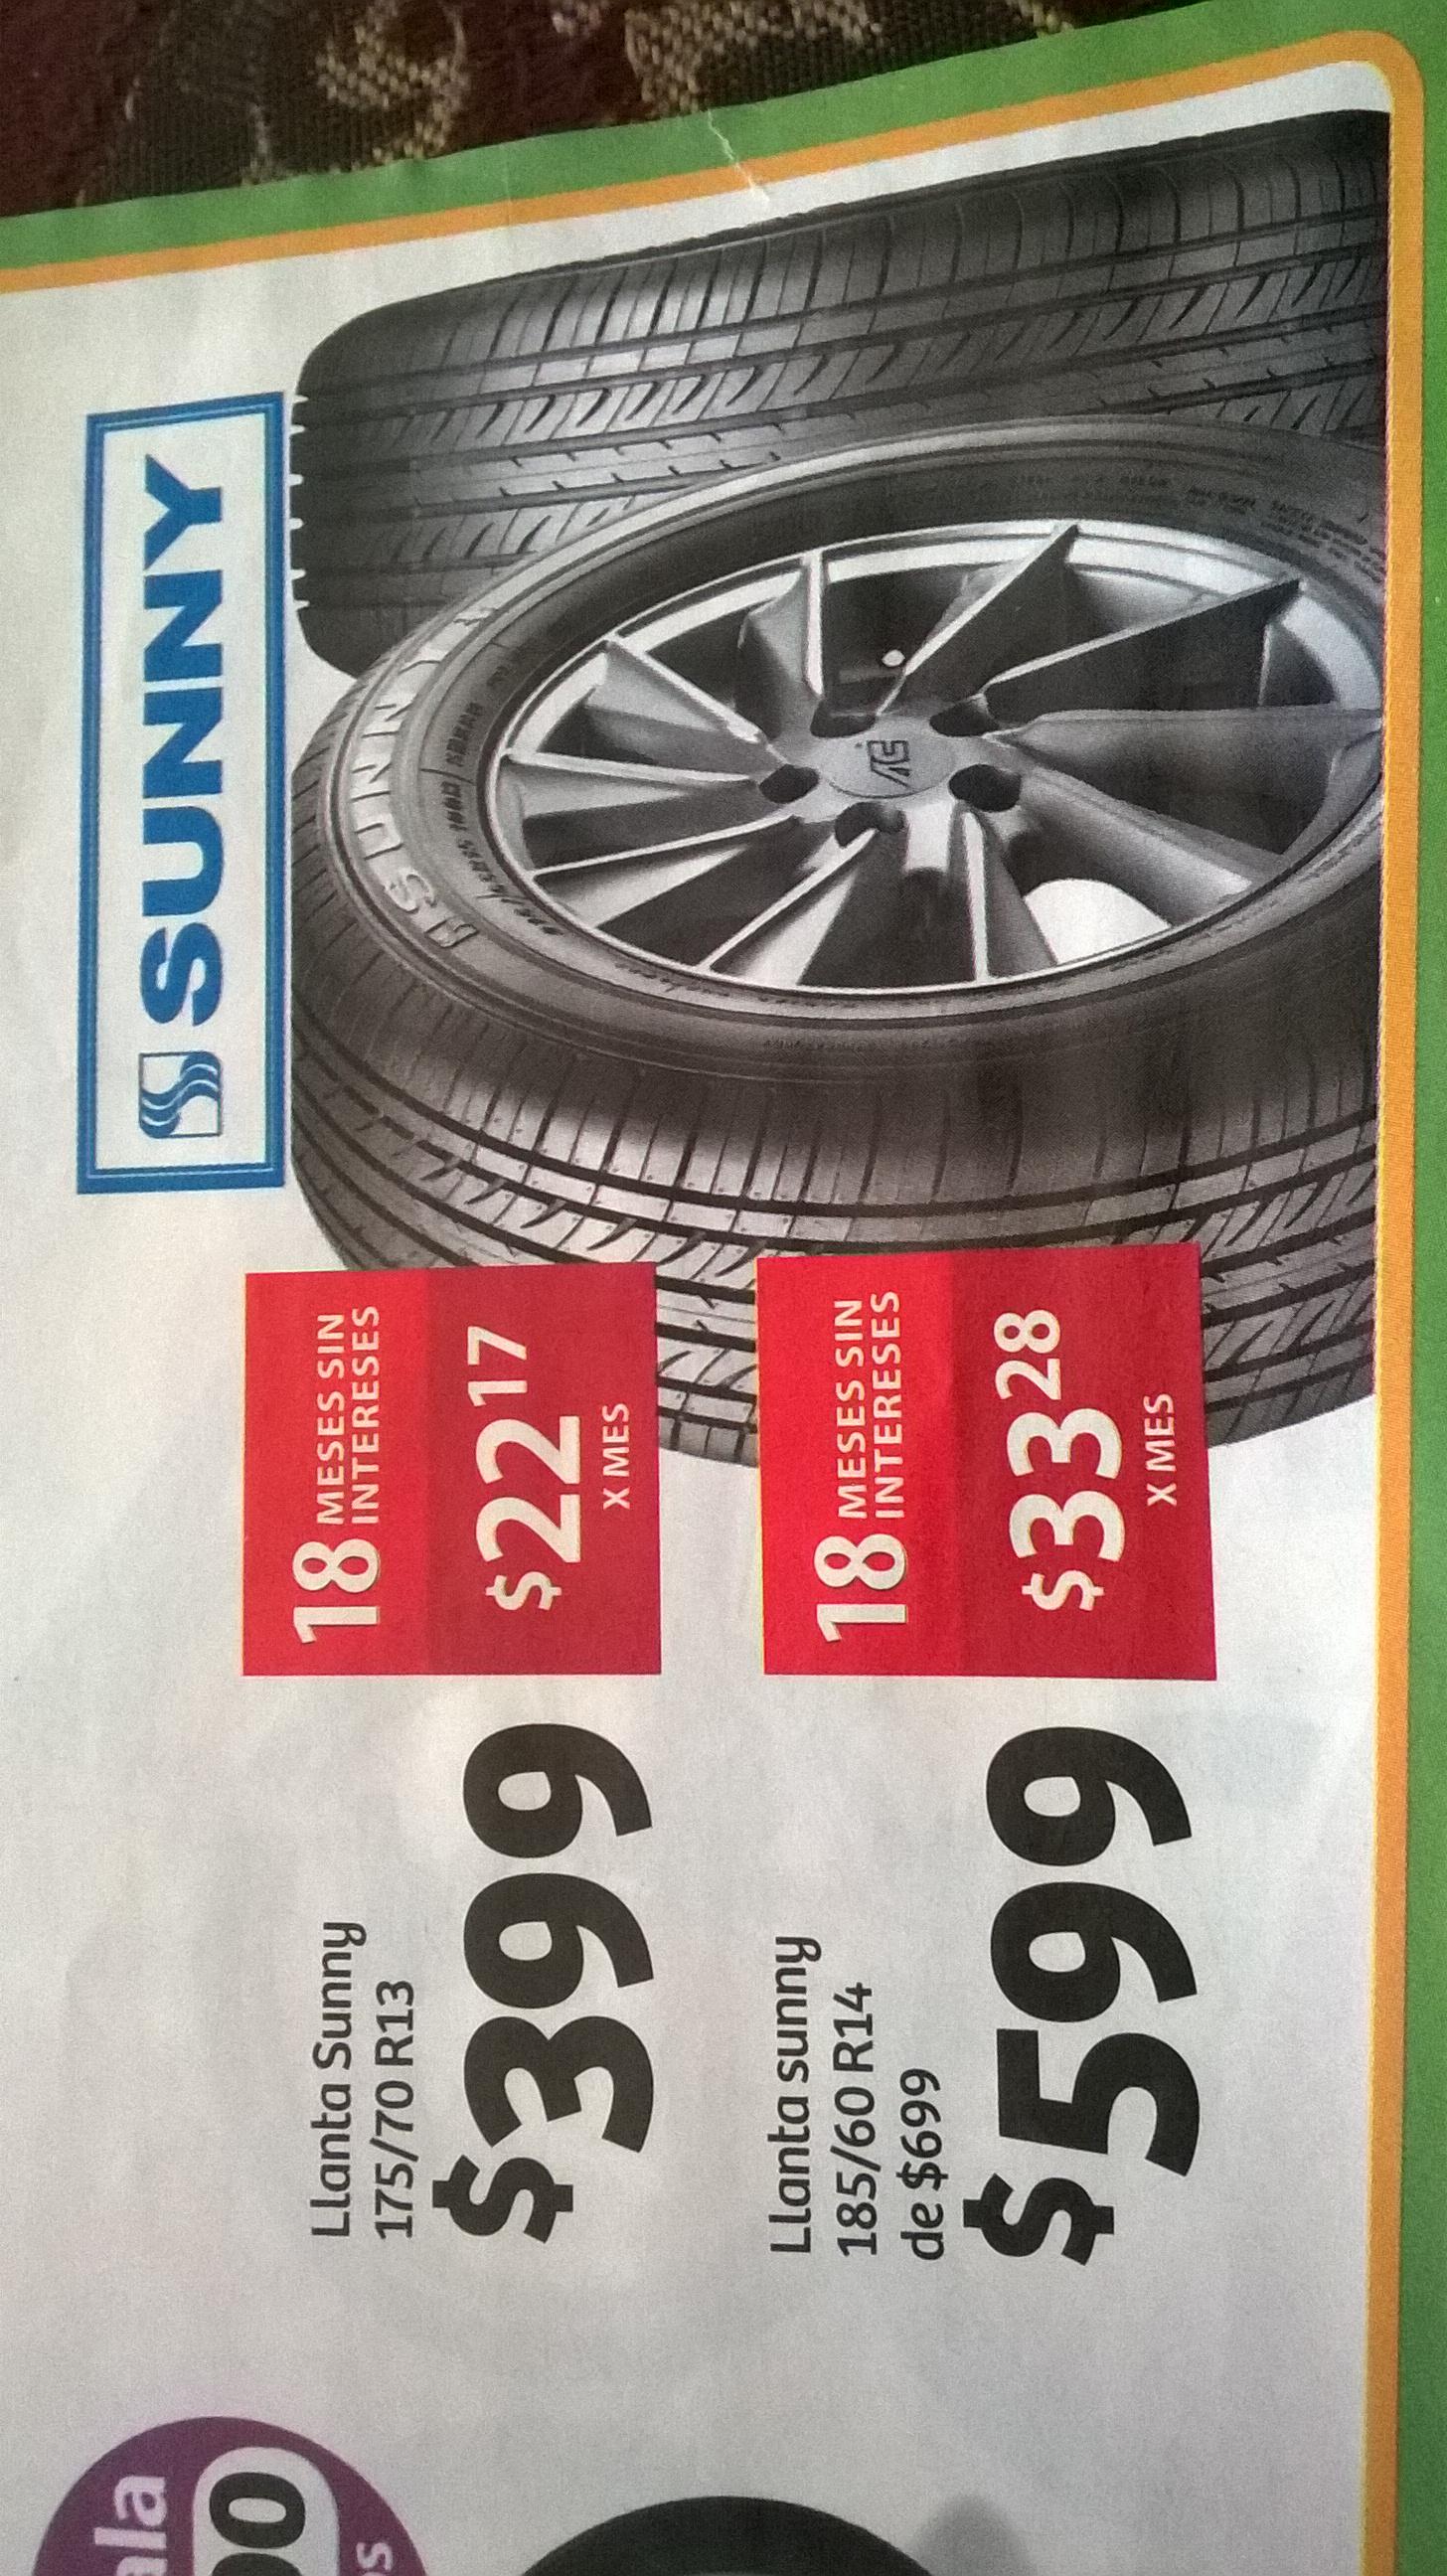 Soriana -  llanta R13 175/70 marca sunny $399